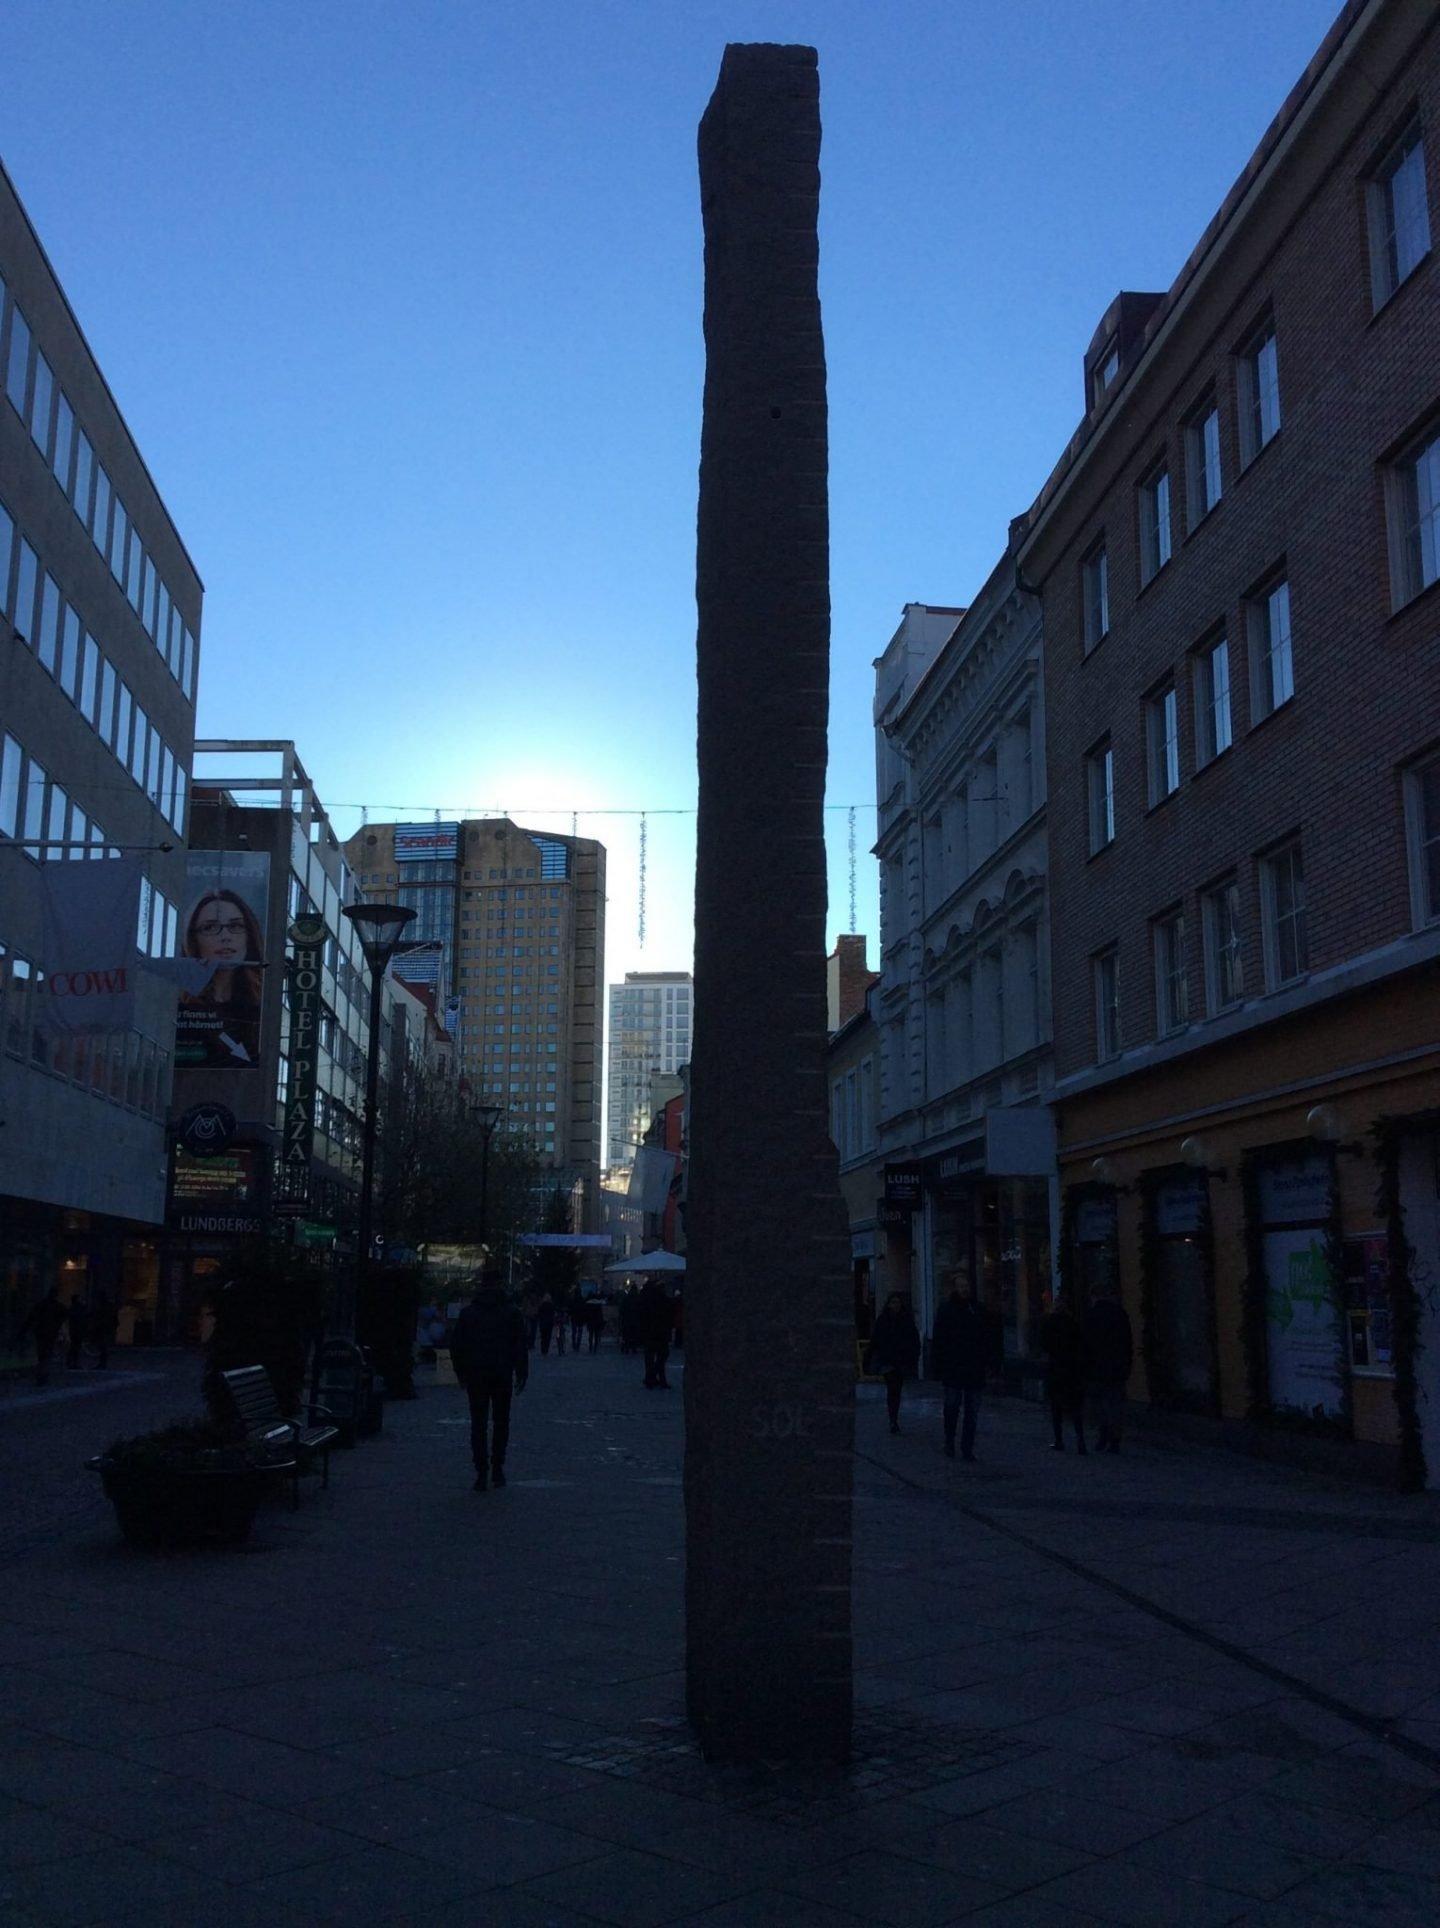 IMG 0140 1440x1928 - Malmö and the history